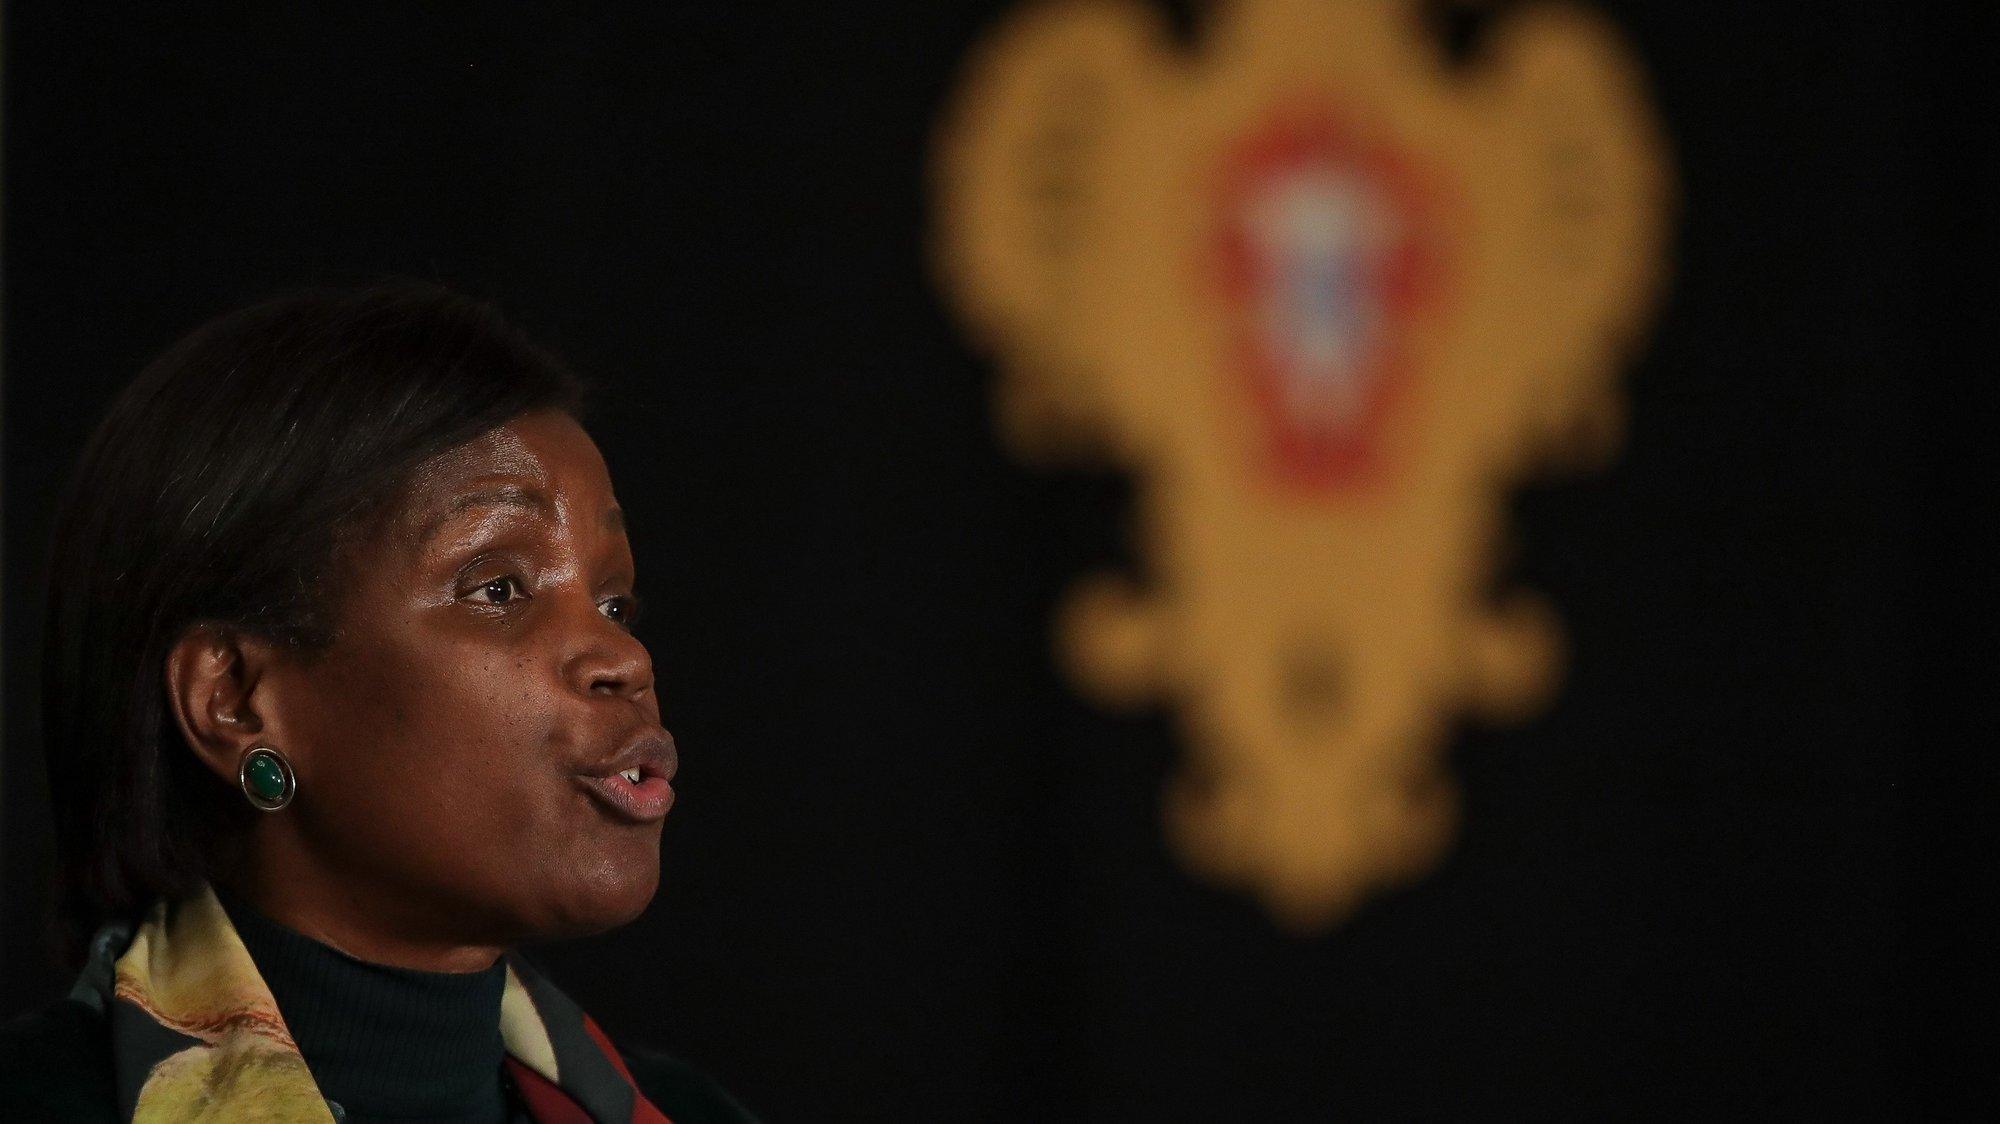 A ministra da Justiça, Francisca Van Dunem, fala aos jornalistas após a reunião com o Presidente da República, Marcelo Rebelo de Sousa (ausente da fotografia), sobre a situação pandémica nas prisões, no Palácio de Belém, em Lisboa, 23 de novembro de 2020. MÁRIO CRUZ/LUSA